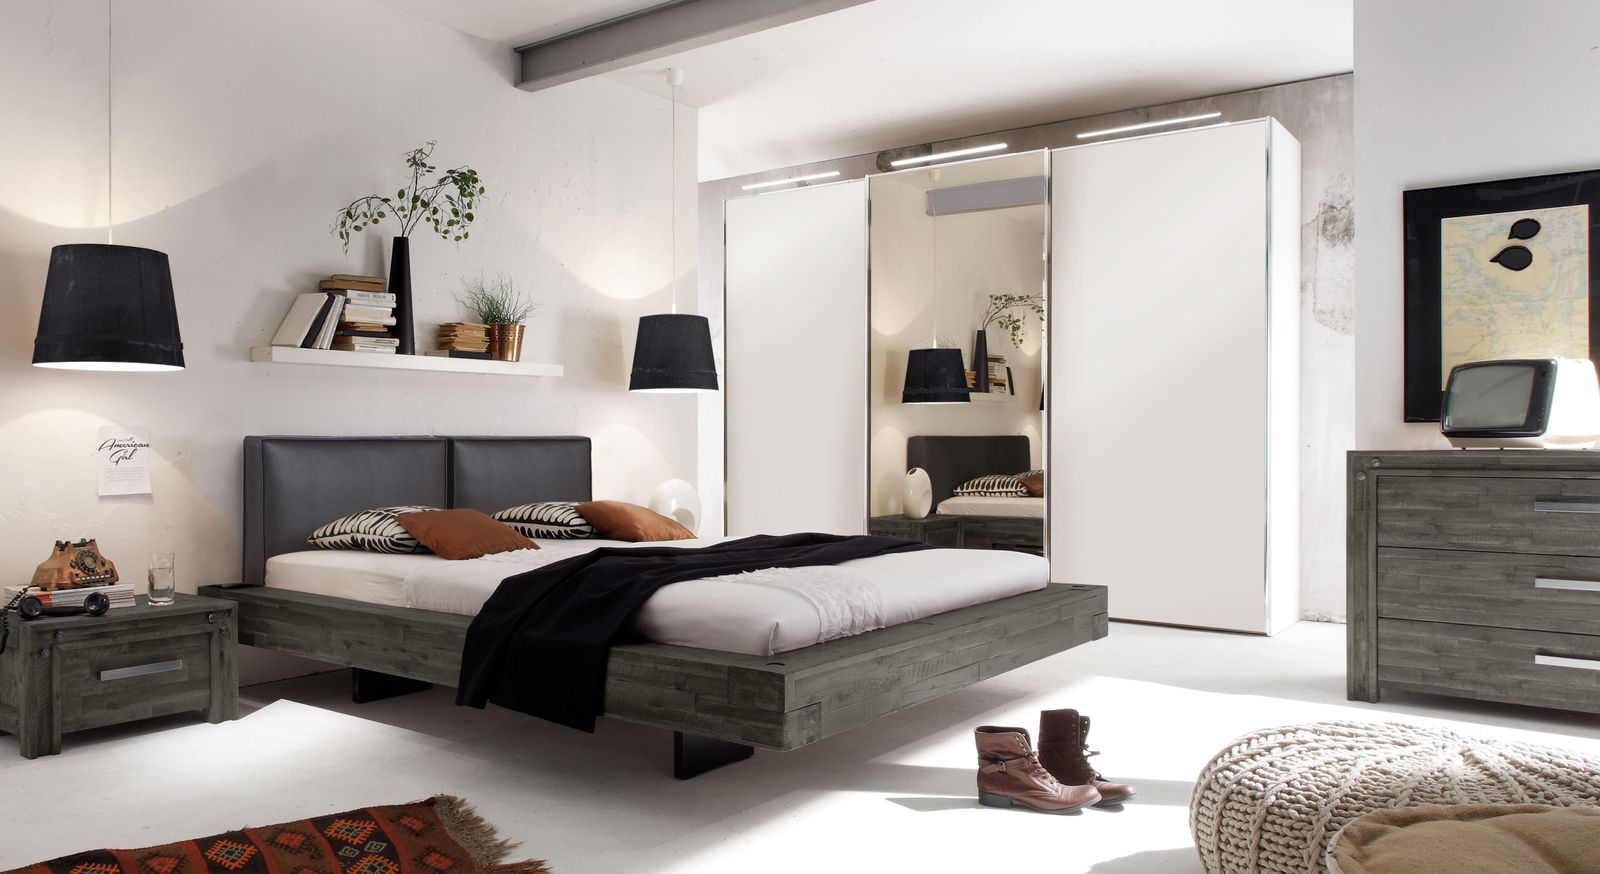 industrial style schlafzimmer mit schwebebett aus akazie. Black Bedroom Furniture Sets. Home Design Ideas